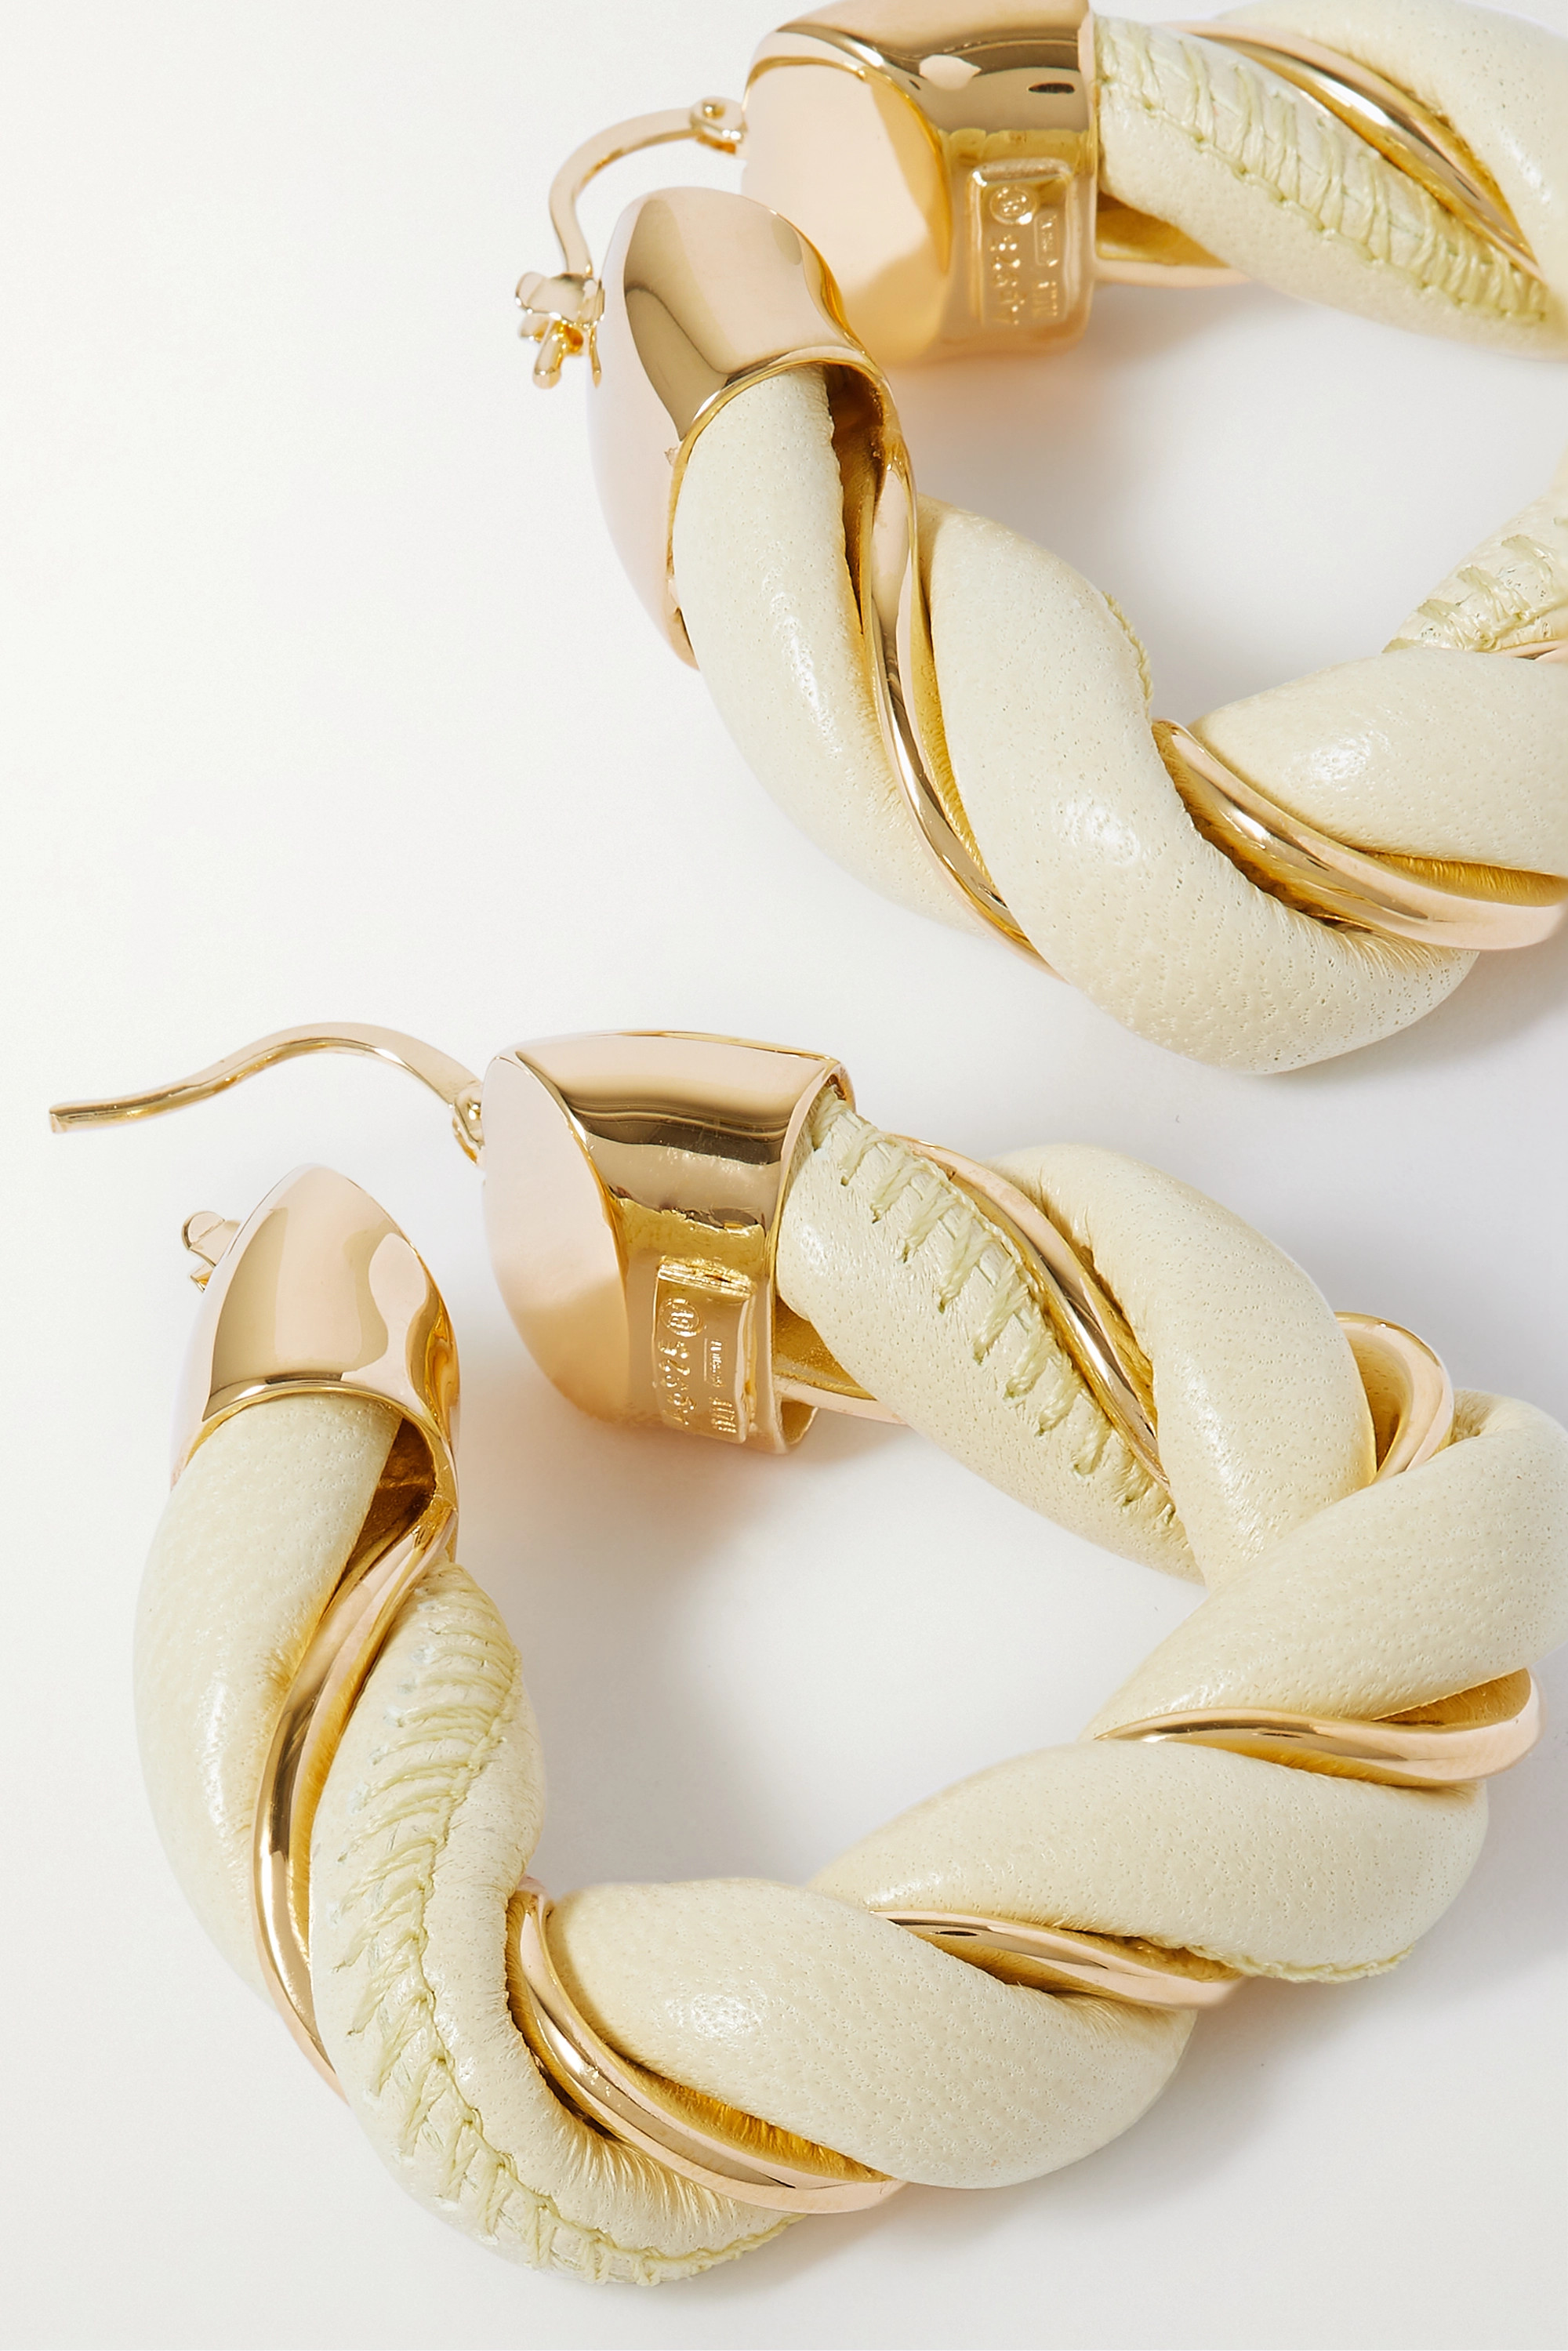 Bottega Veneta Boucles d'oreilles en plaqué or et cuir Square Twist